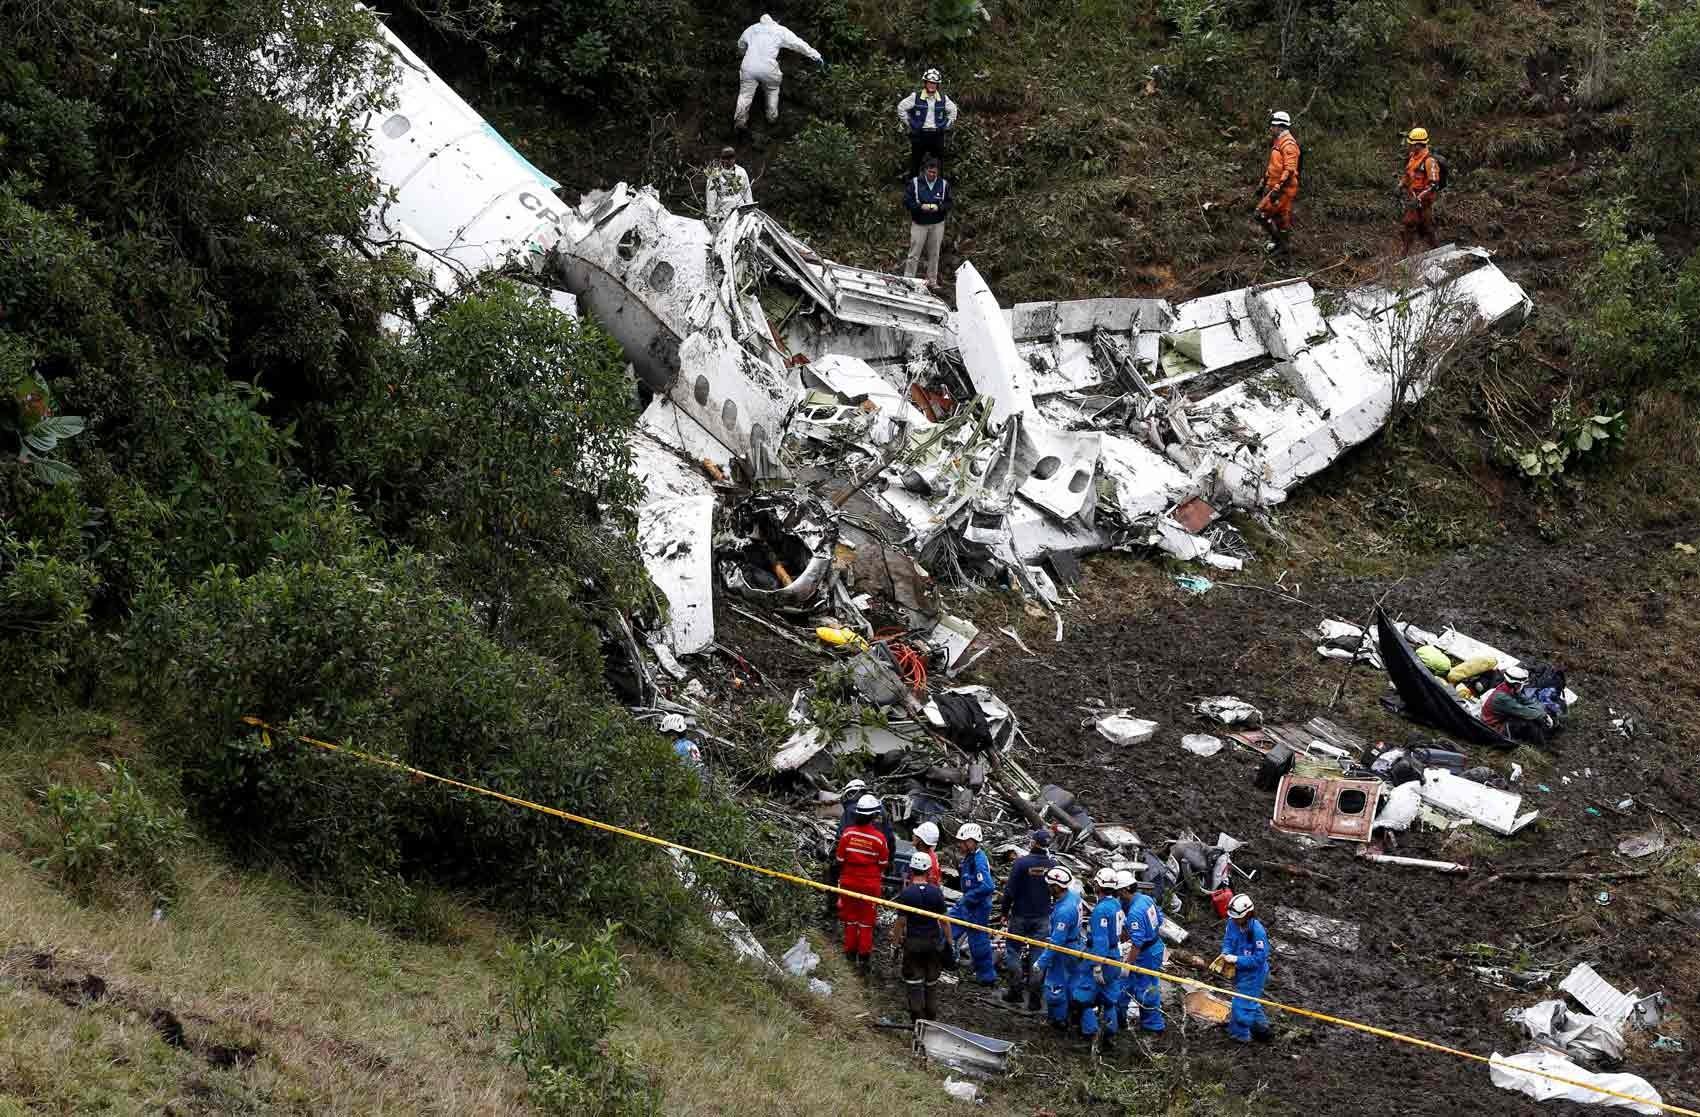 Parentes de vítimas do voo da Chapecoense deixam a Bolívia sem demandas atendidas - Radio Evangelho Gospel